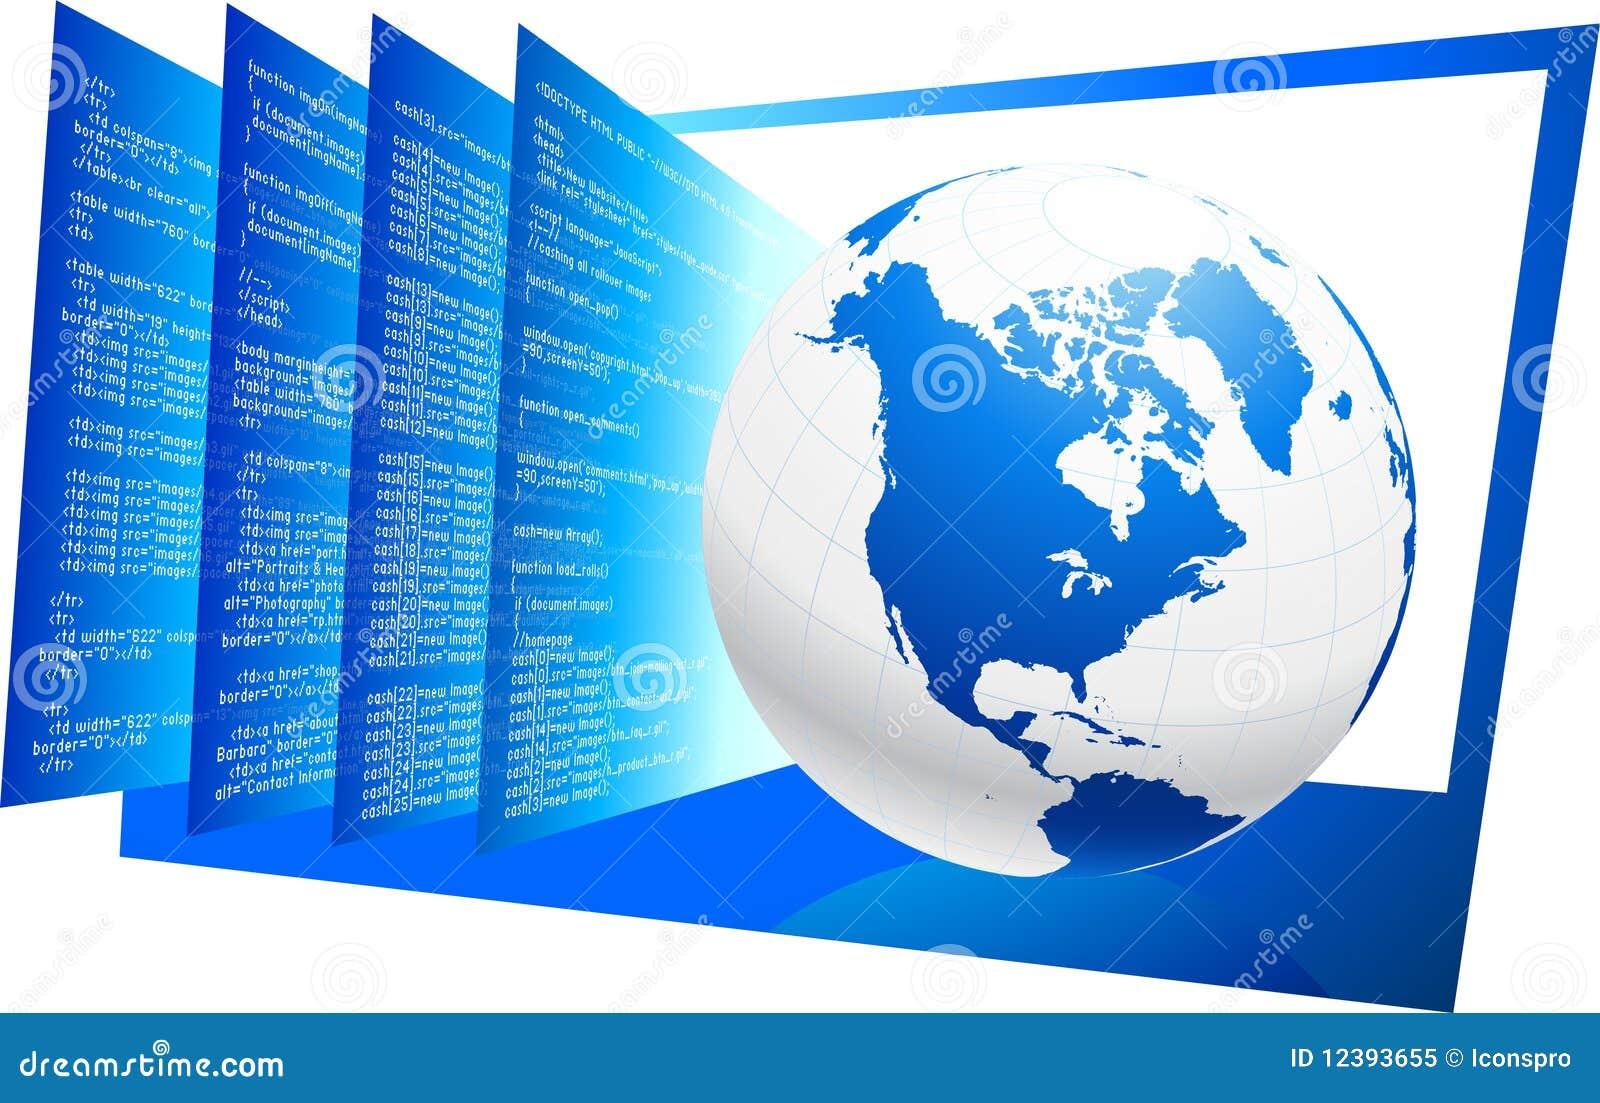 HTML Coding Background Royalty Free Stock Photos - Image: 31522638